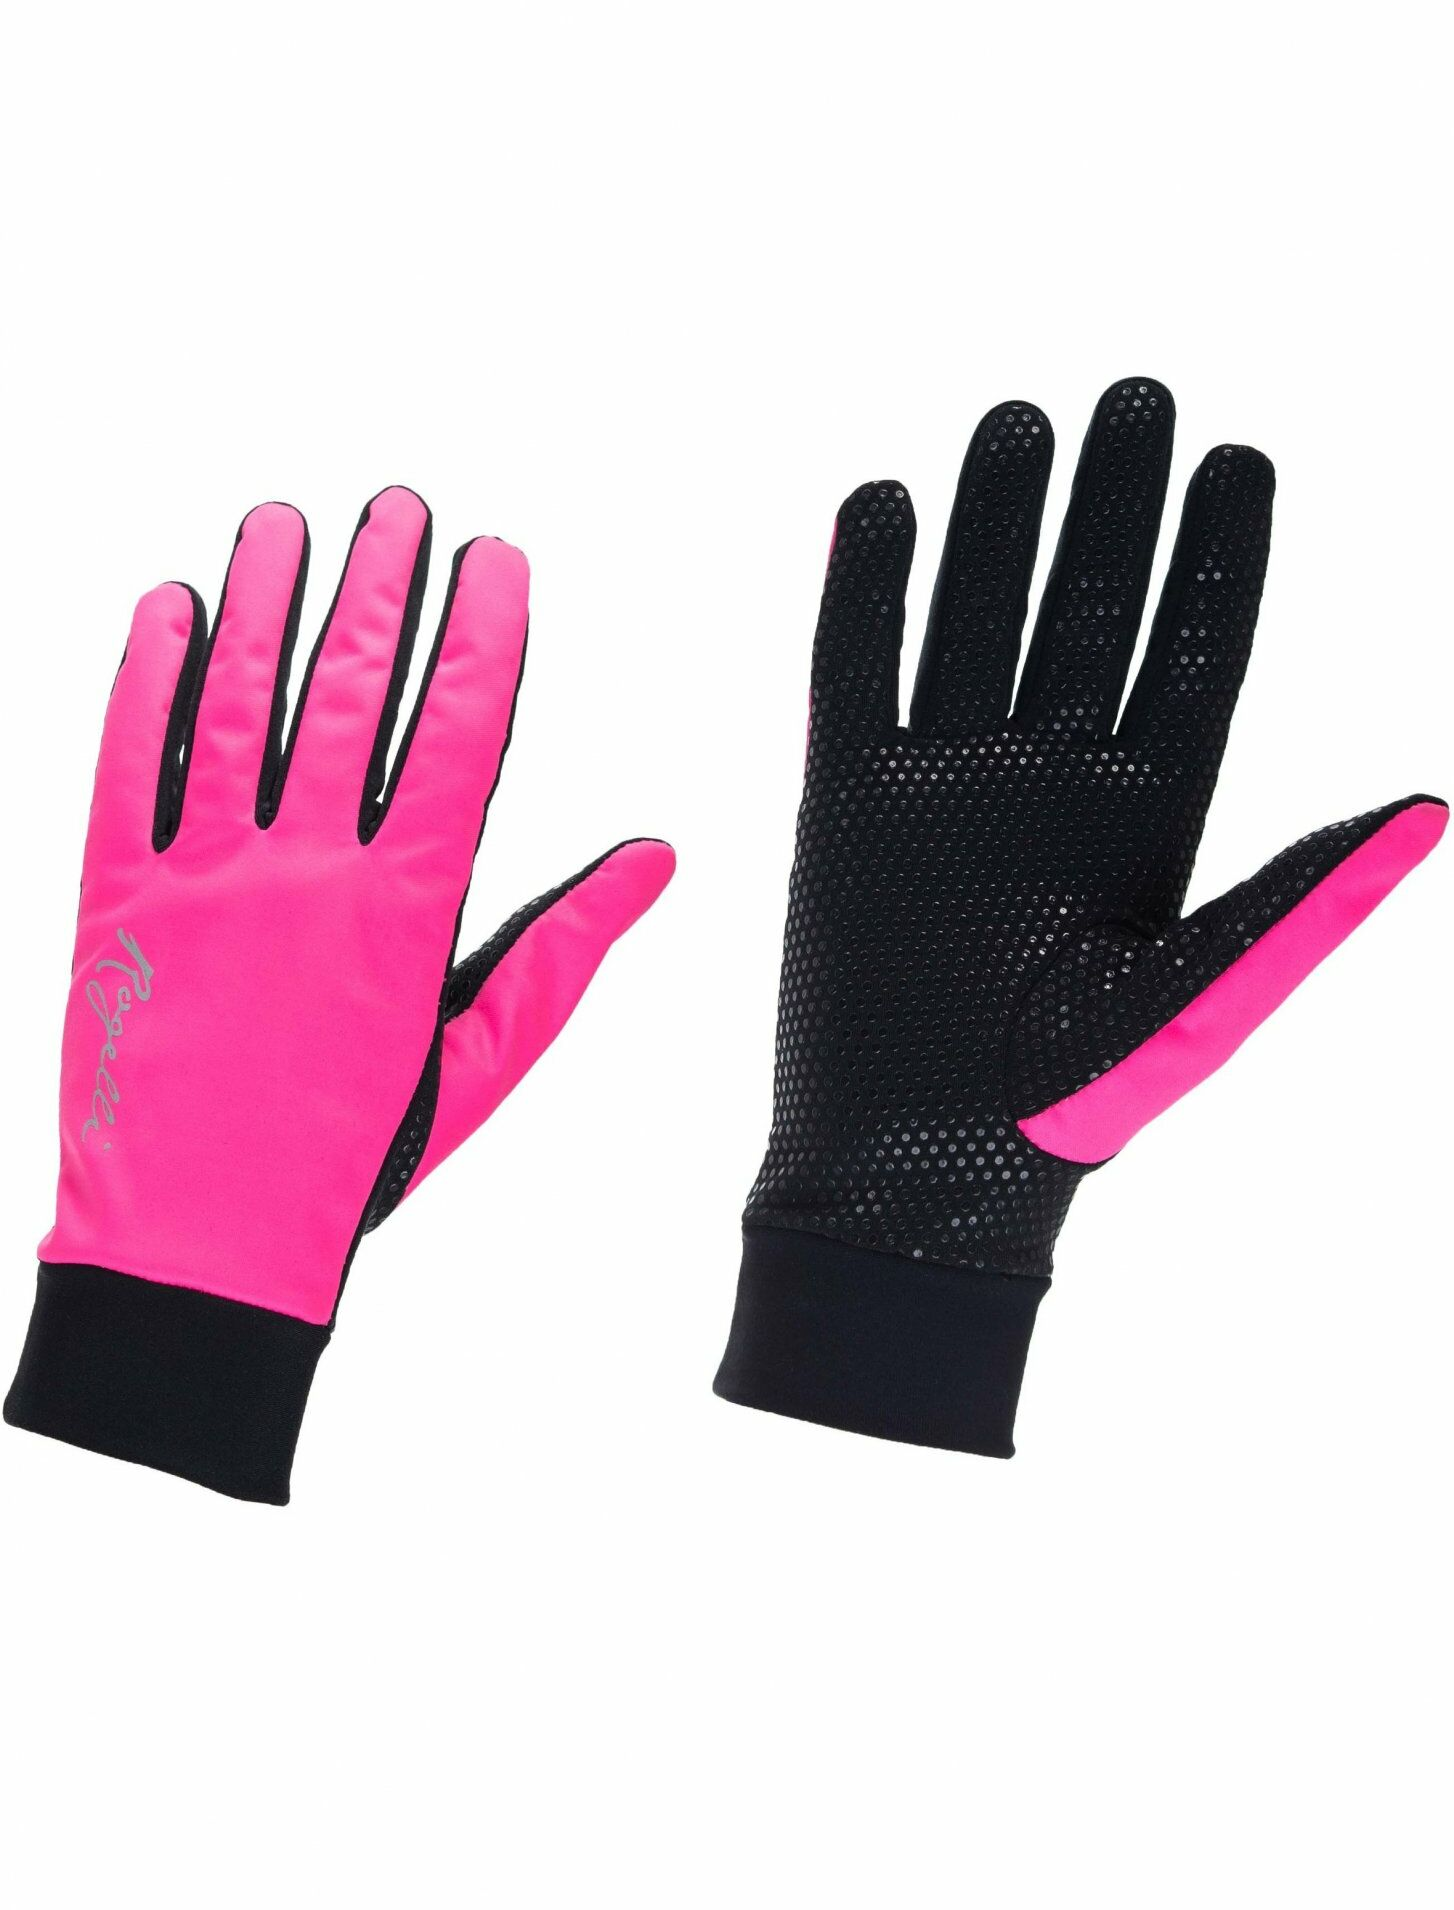 ROGELLI LAVAL Damskie zimowe rękawiczki Różowe 010.662 Rozmiar: XS,ROGELLI LAVAL 010.662